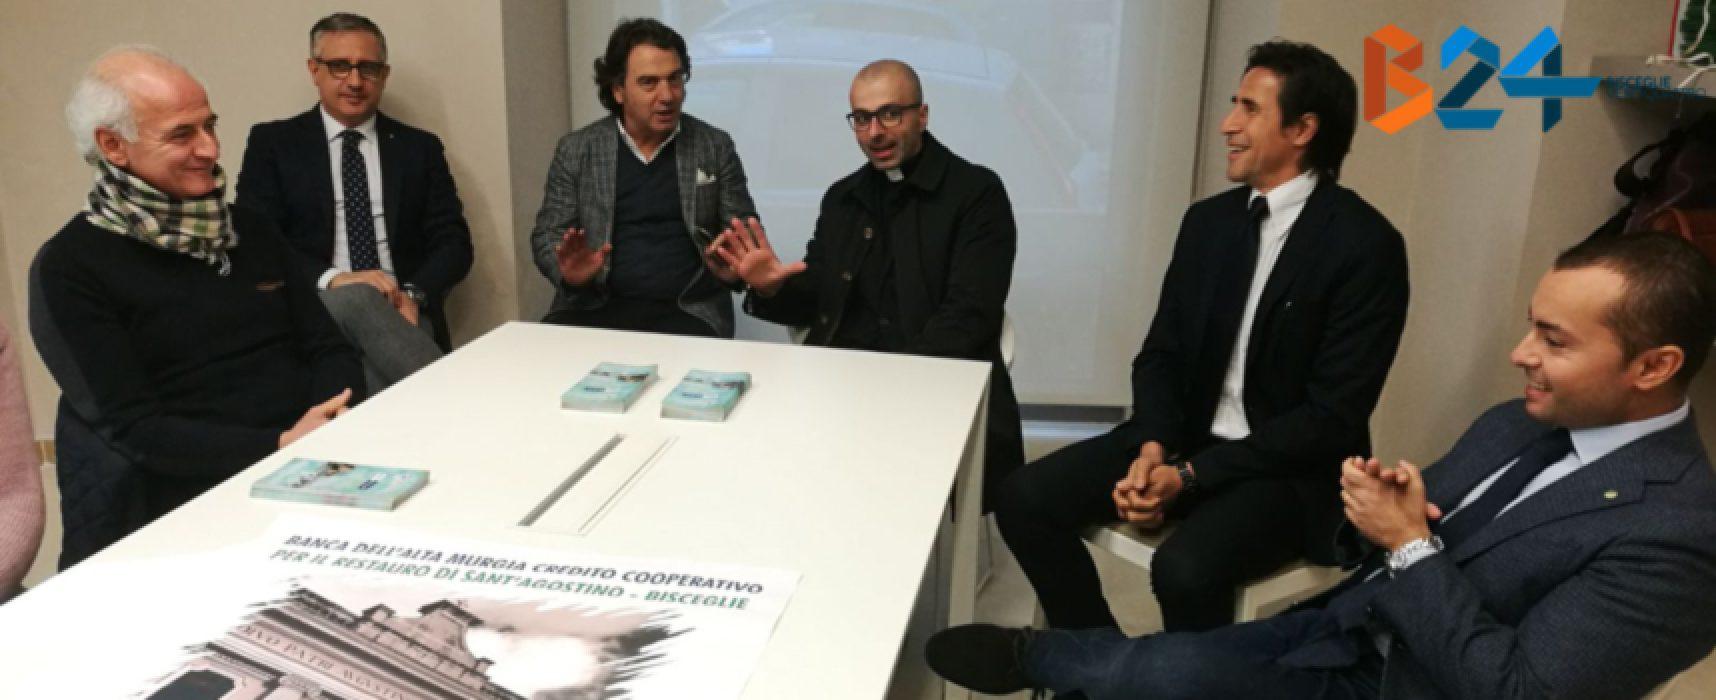 """""""Adotta il restauro"""", raccolta fondi per lavori a chiesa Sant'Agostino"""